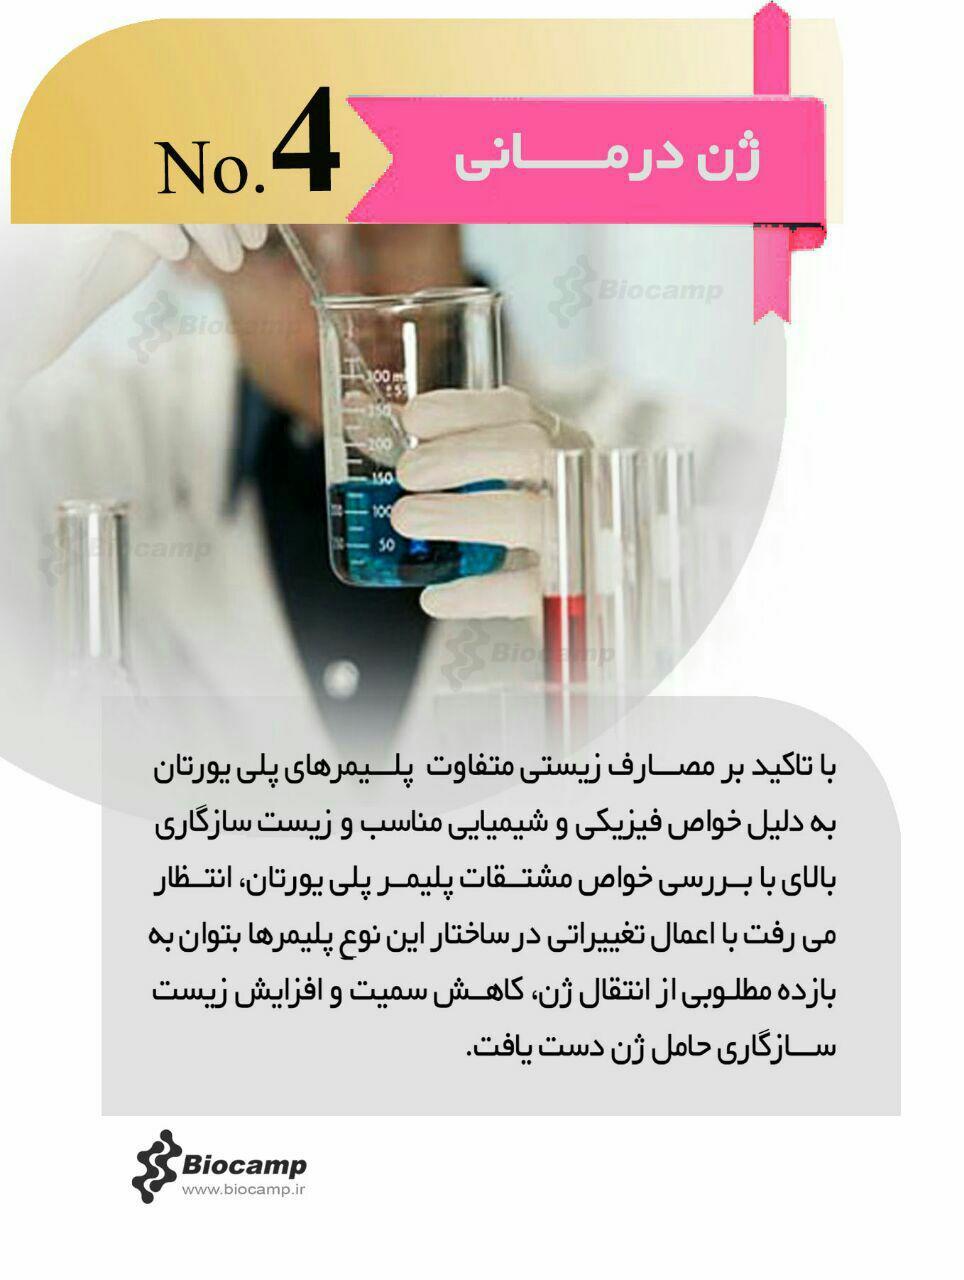 ژن درمانی ژن درمانی چیست؟ - اینفوگرافی ژن درمانی چیست؟ – اینفوگرافی photo 2016 09 01 18 12 12